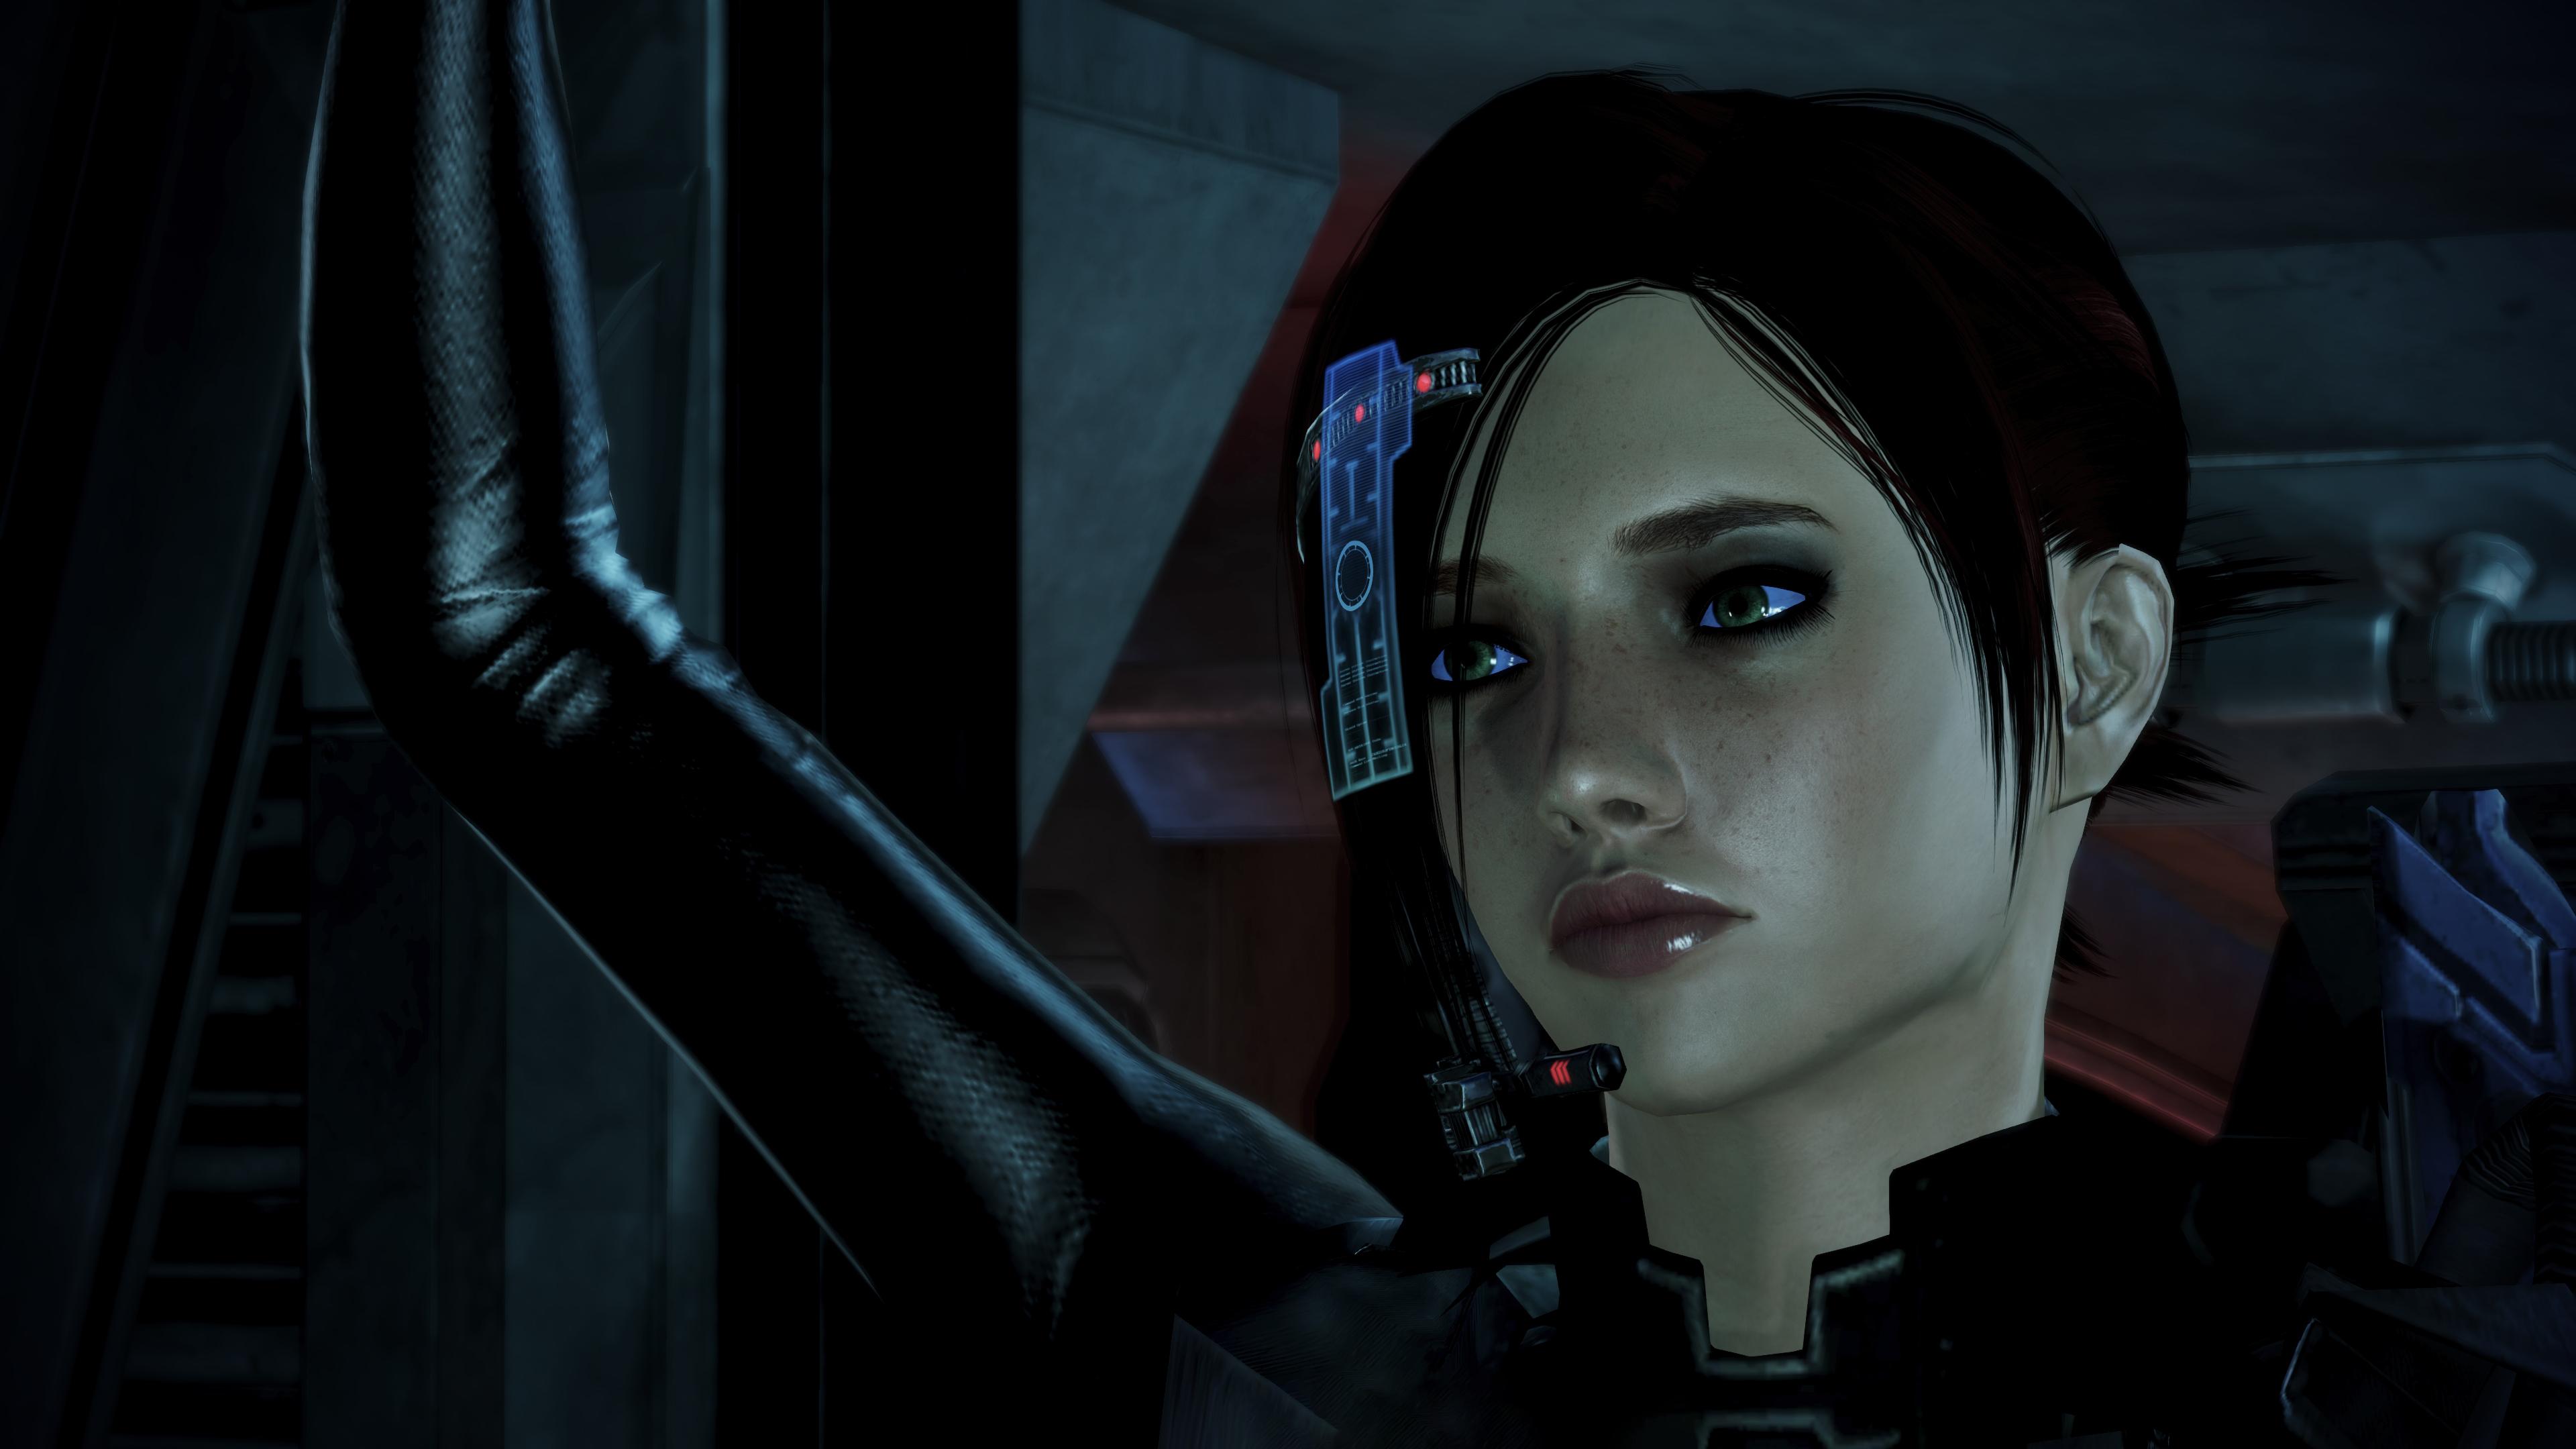 Mass Effect 3 Screenshot 2019.01.24 - 04.08.07.jpg - Mass Effect 3